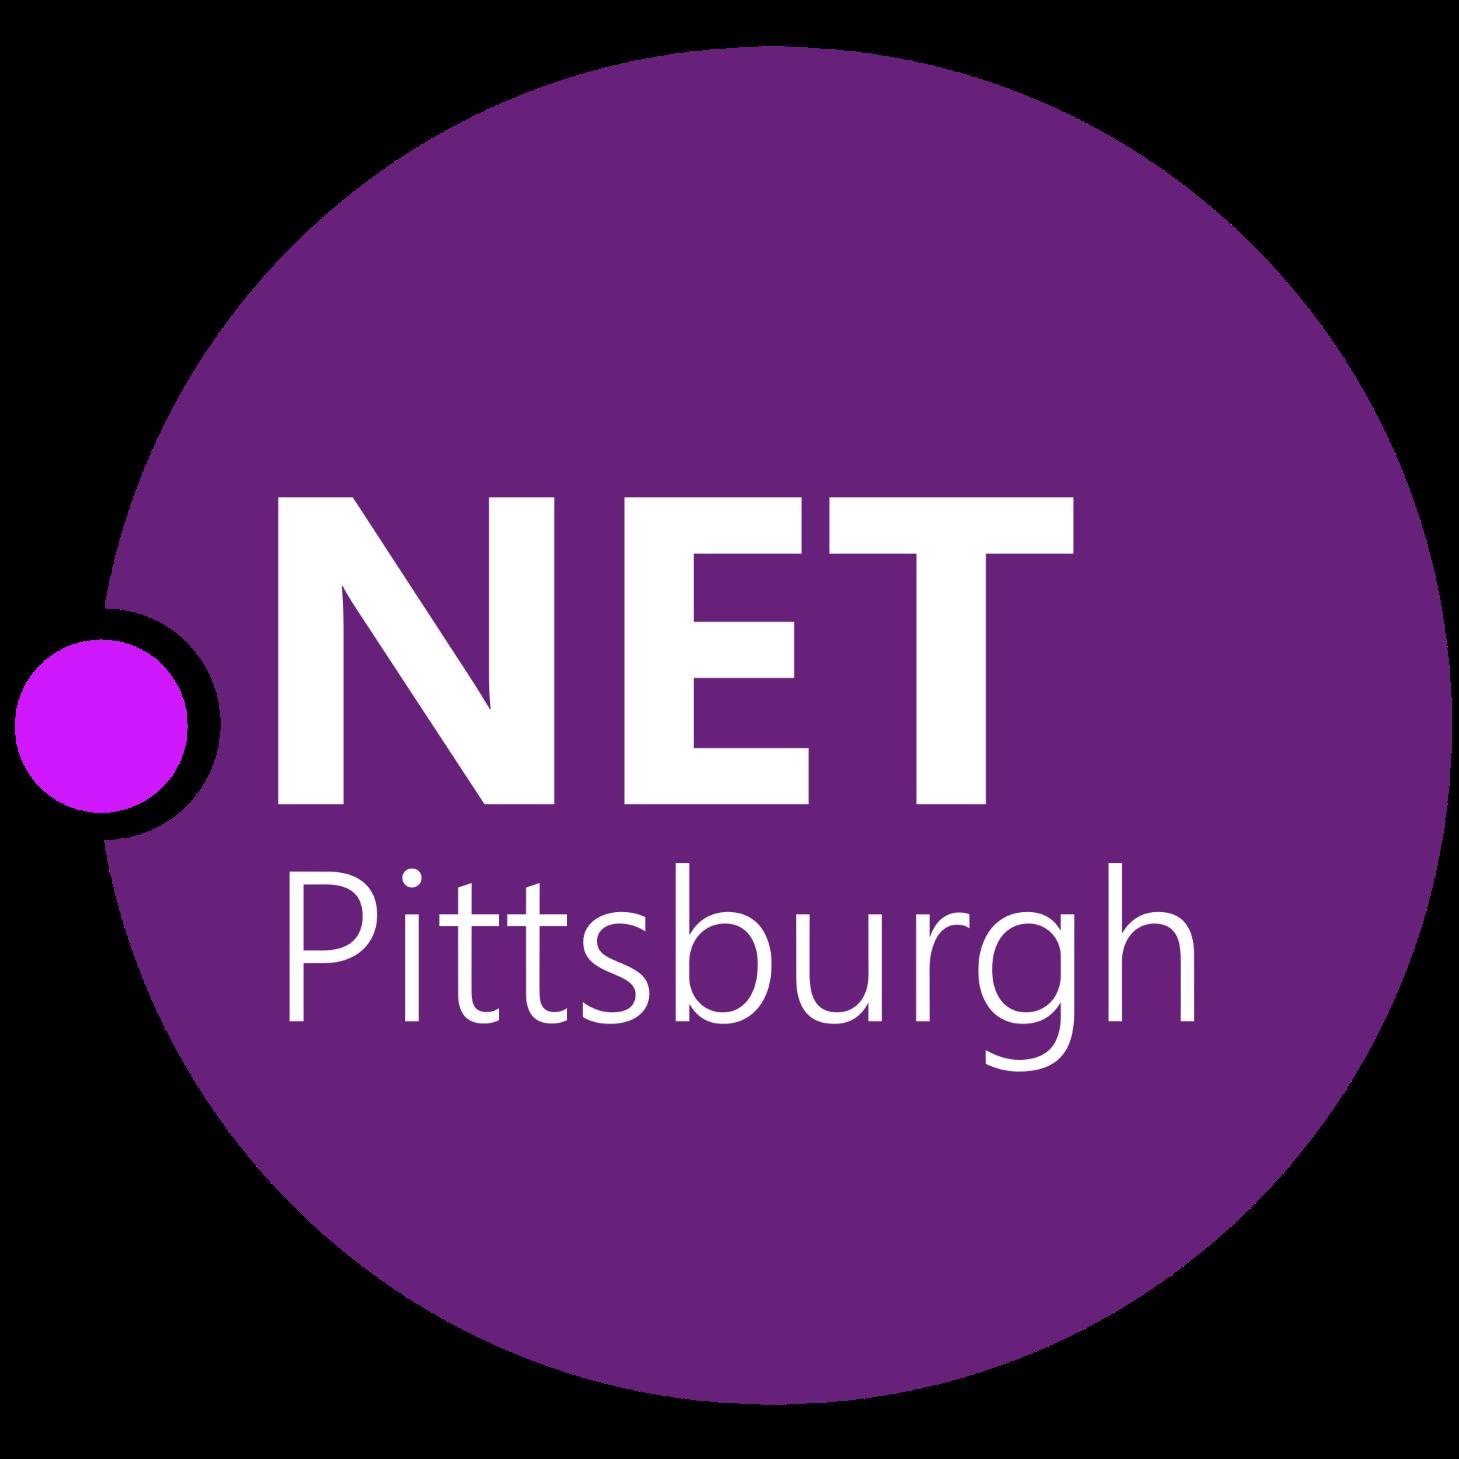 Pittsburgh .NET User Group (PGHDOTNET)